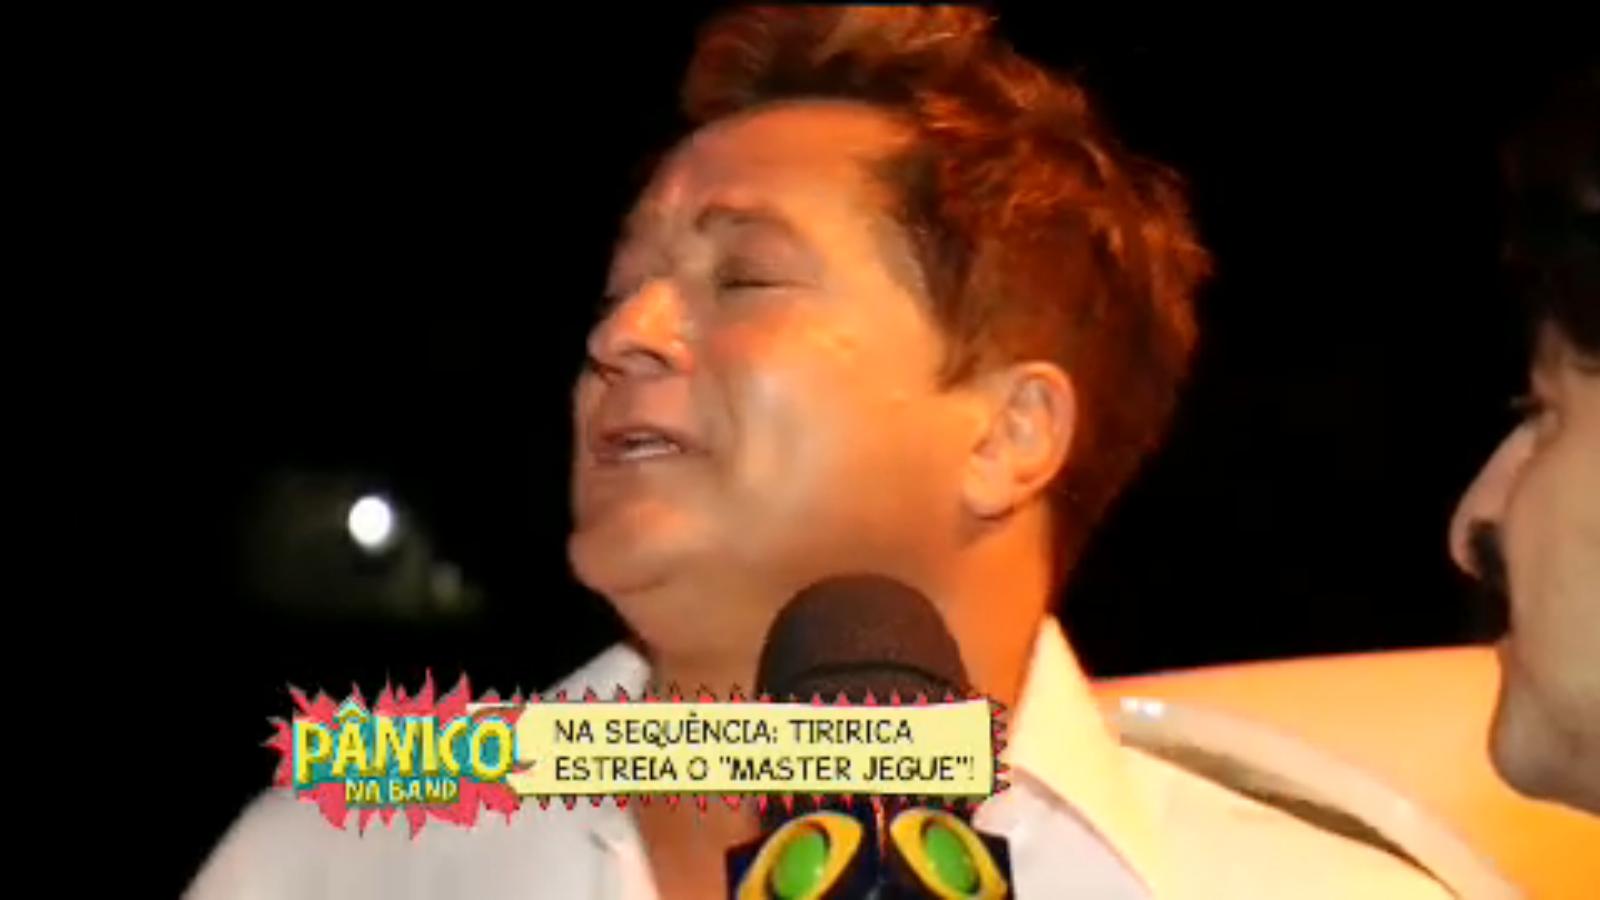 Leonardo No programa pânico band 1 03 2015